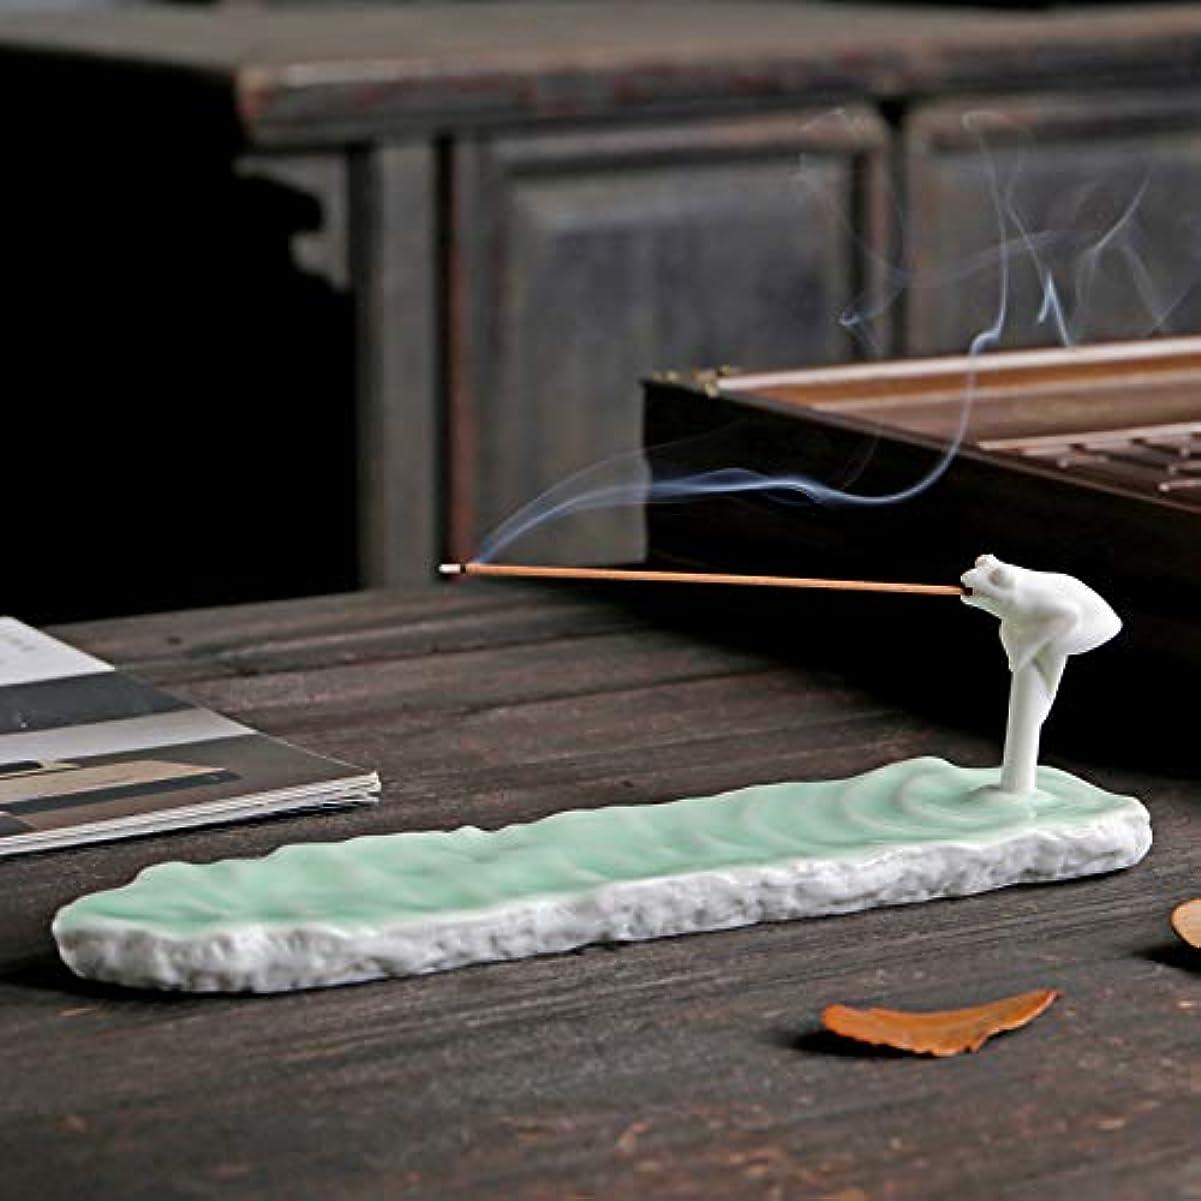 鎮痛剤メーターすずめPHILOGOD 陶器香炉 手作り創造的なカエルの形 仏壇用 線香立て 香皿 (Green)